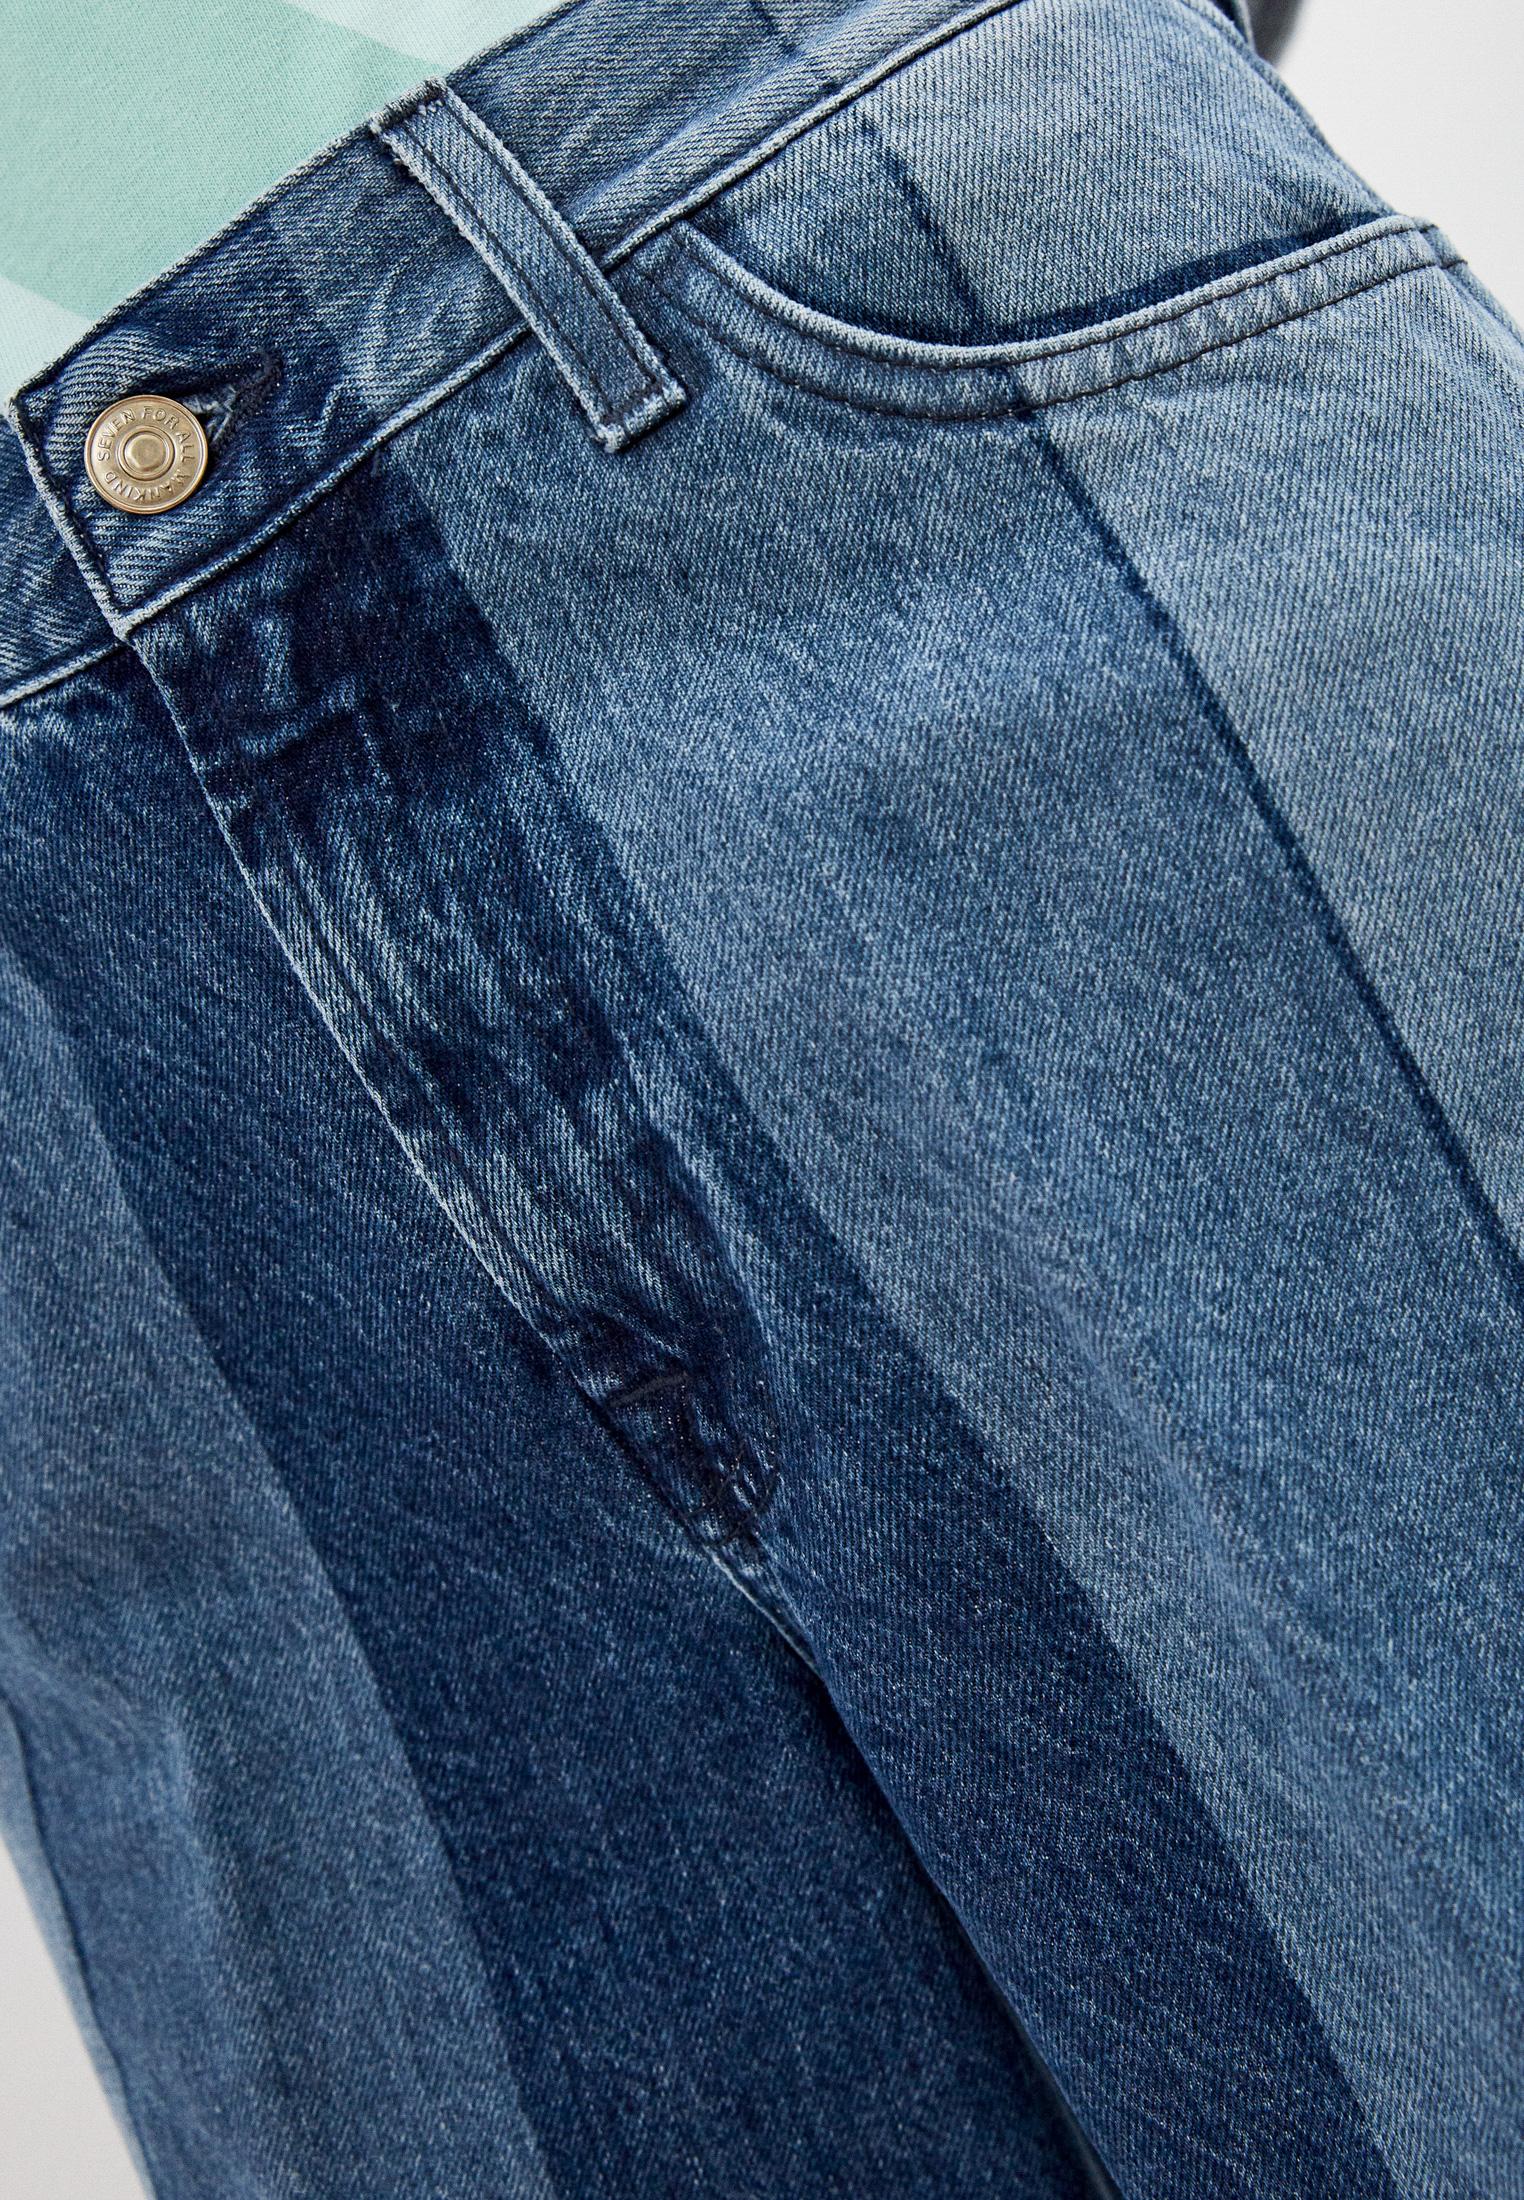 Широкие и расклешенные джинсы 7 For All Mankind (7 Фо Олл Мэнкайнд) JSP00660LS: изображение 5